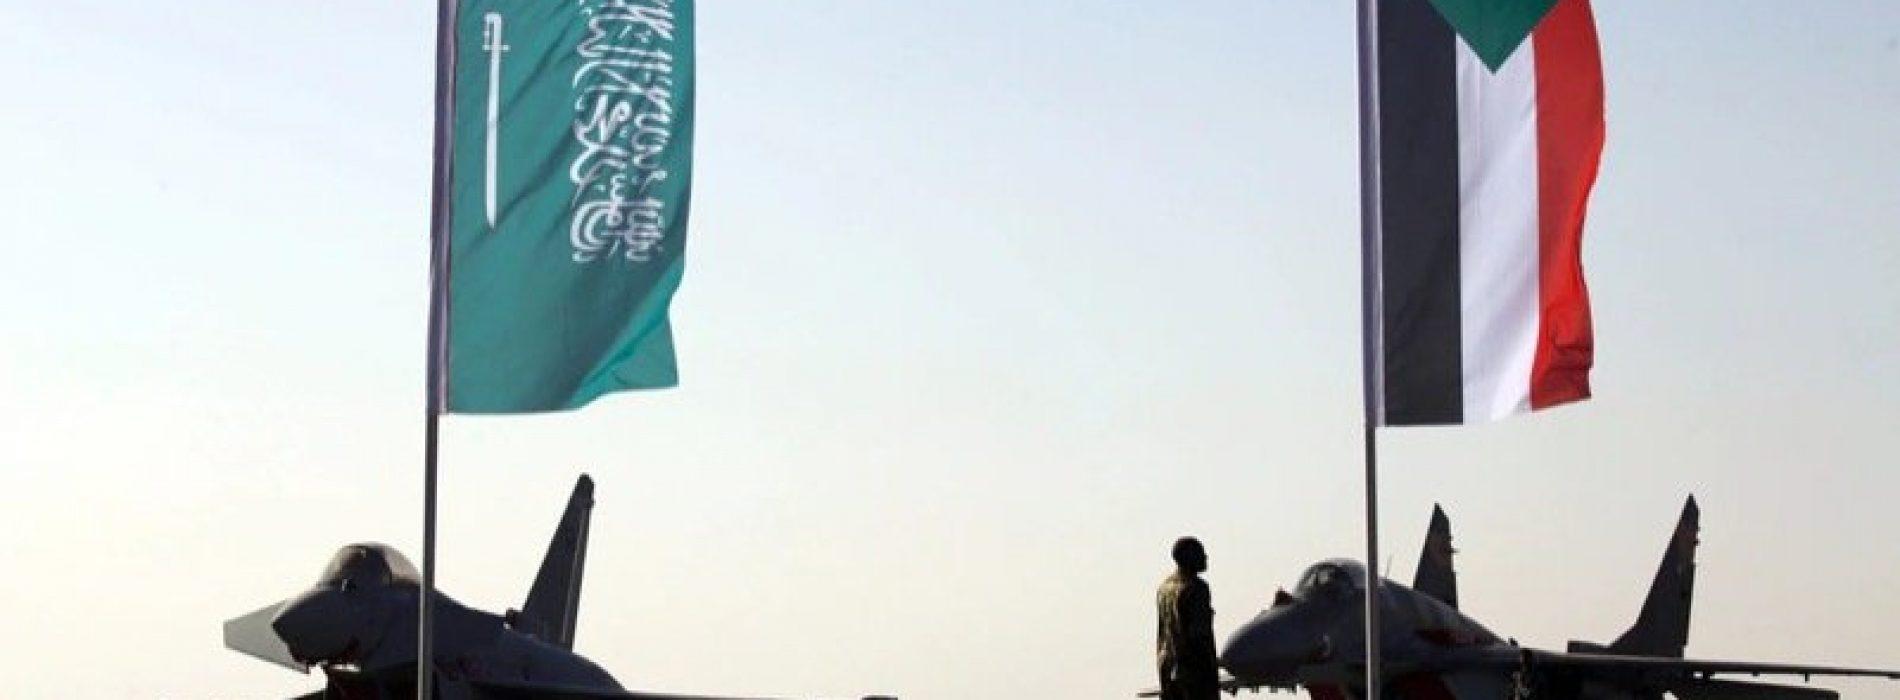 L'Arabia Saudita spinge per una radicale ristrutturazione del debito del Sudan